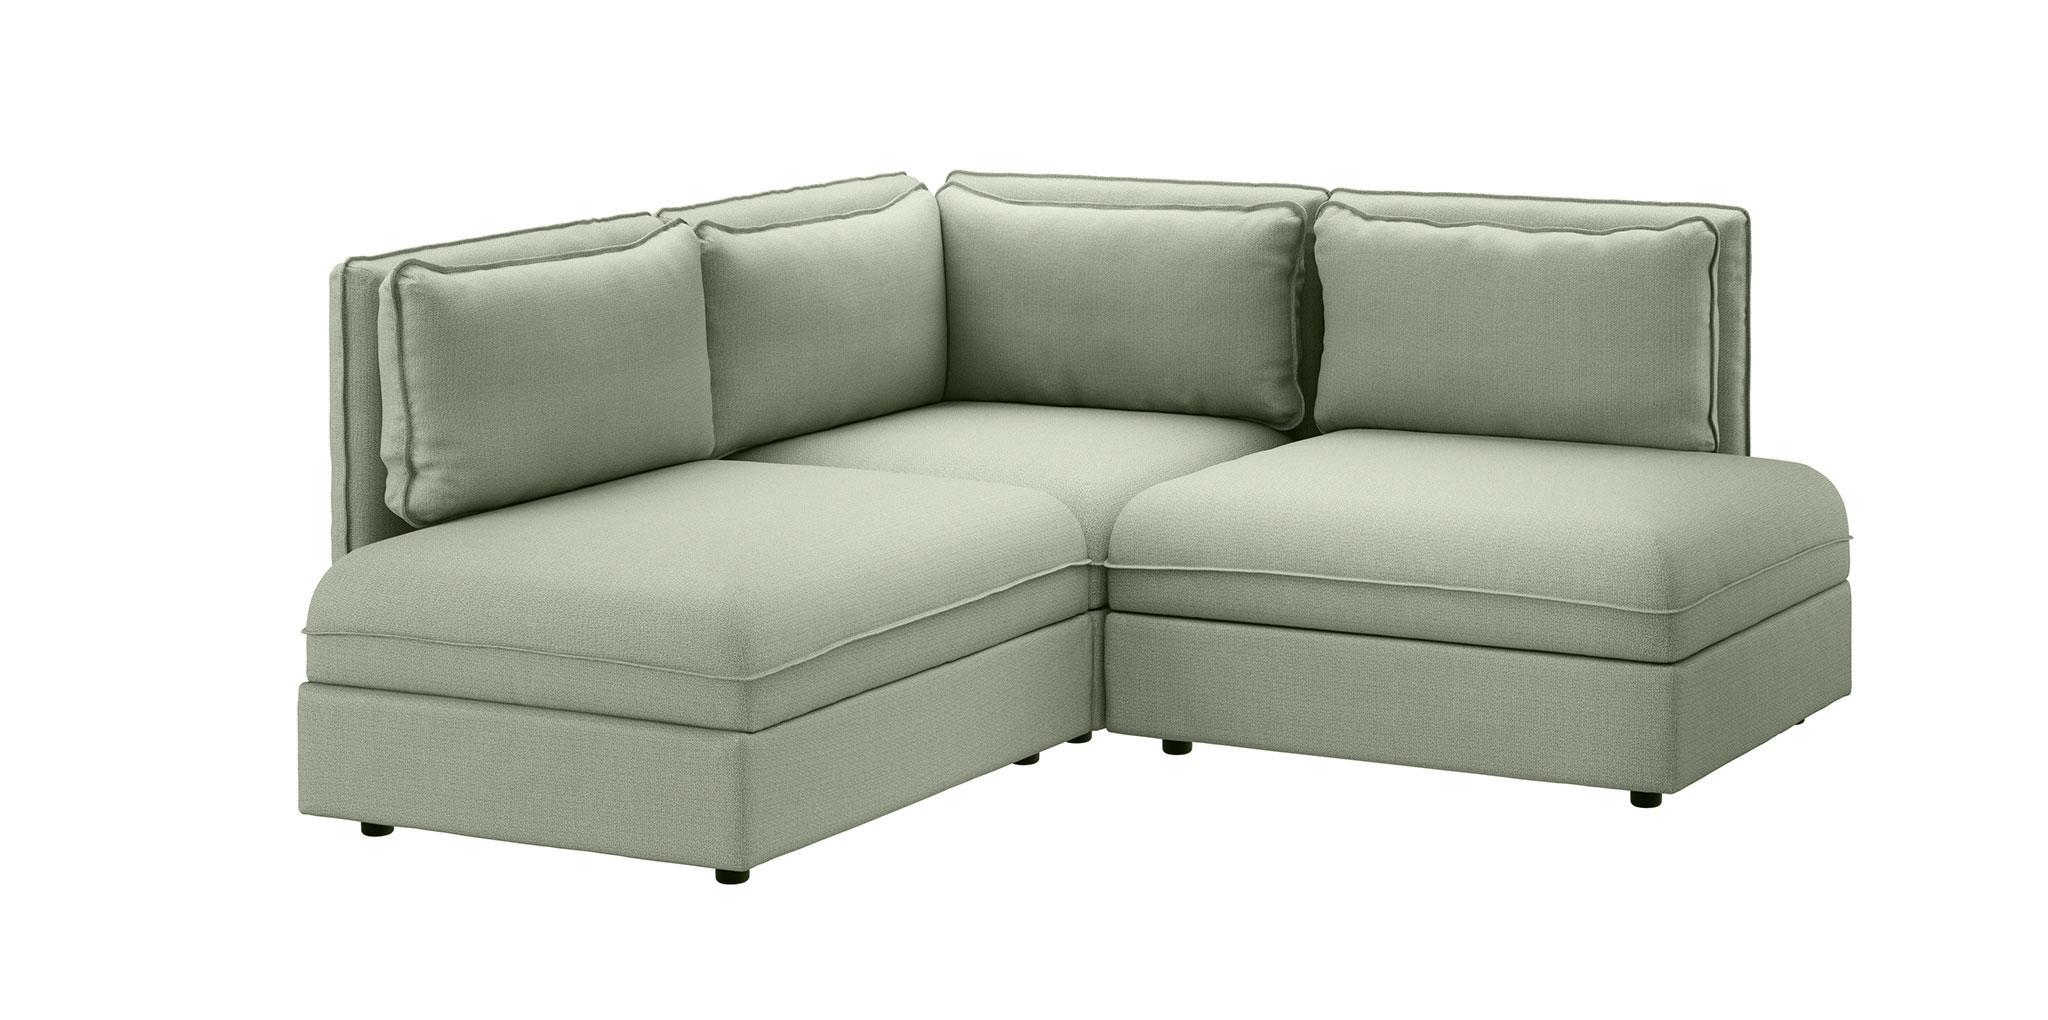 Corner Sofas | Ikea Intended For Corner Sofas (Image 7 of 20)